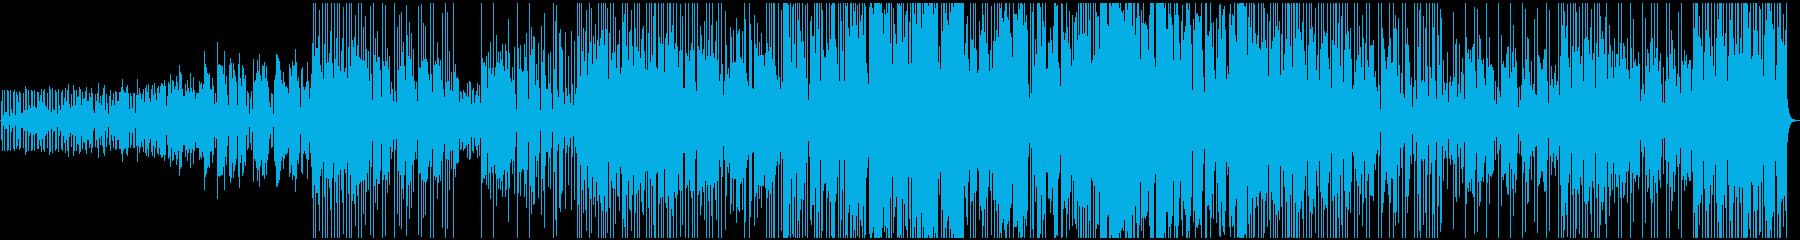 トロンボーン、ベースシンセ、ダーブ...の再生済みの波形